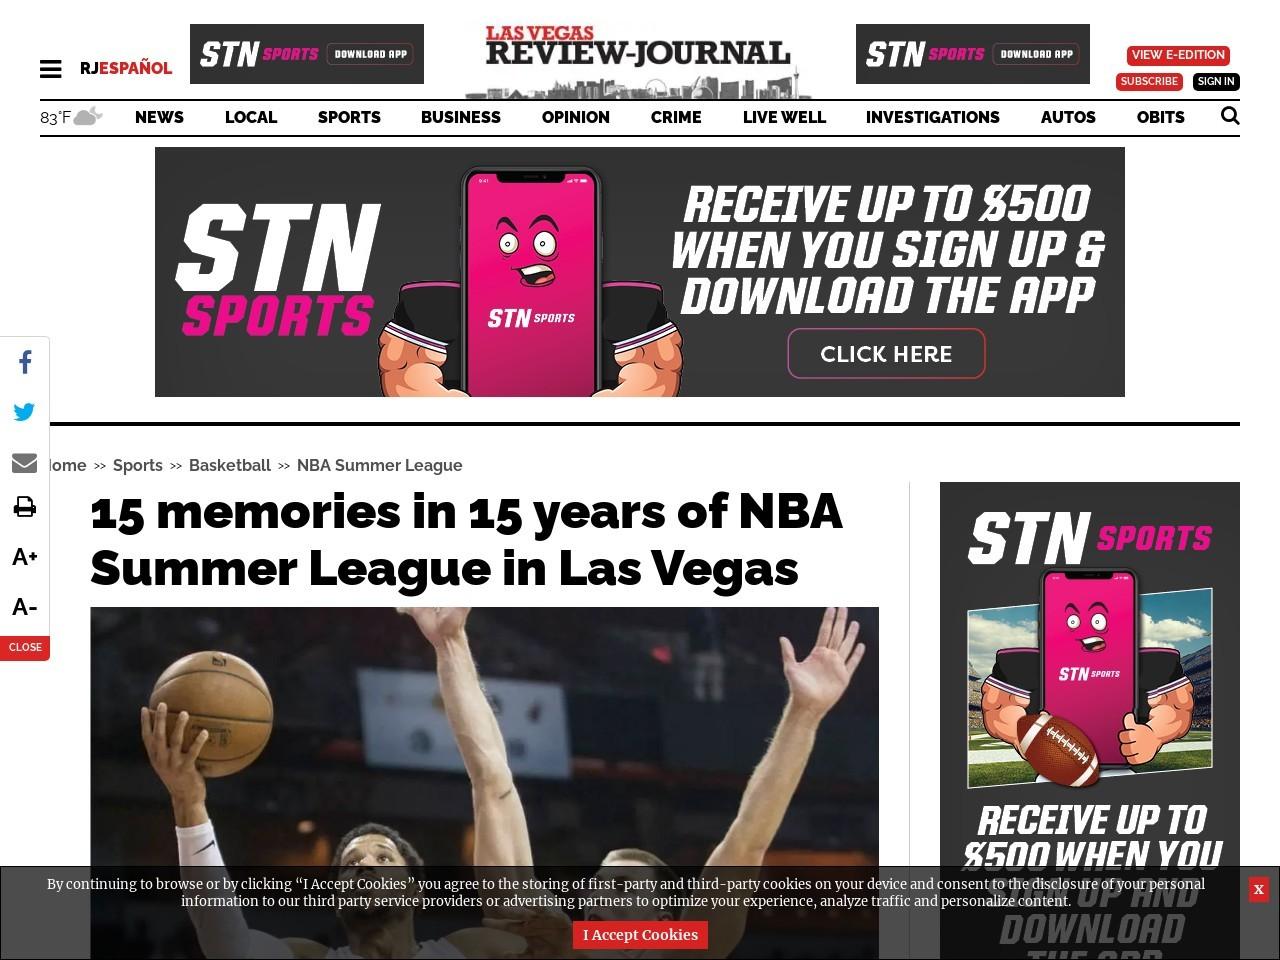 15 memories in 15 years of NBA Summer League in Las Vegas